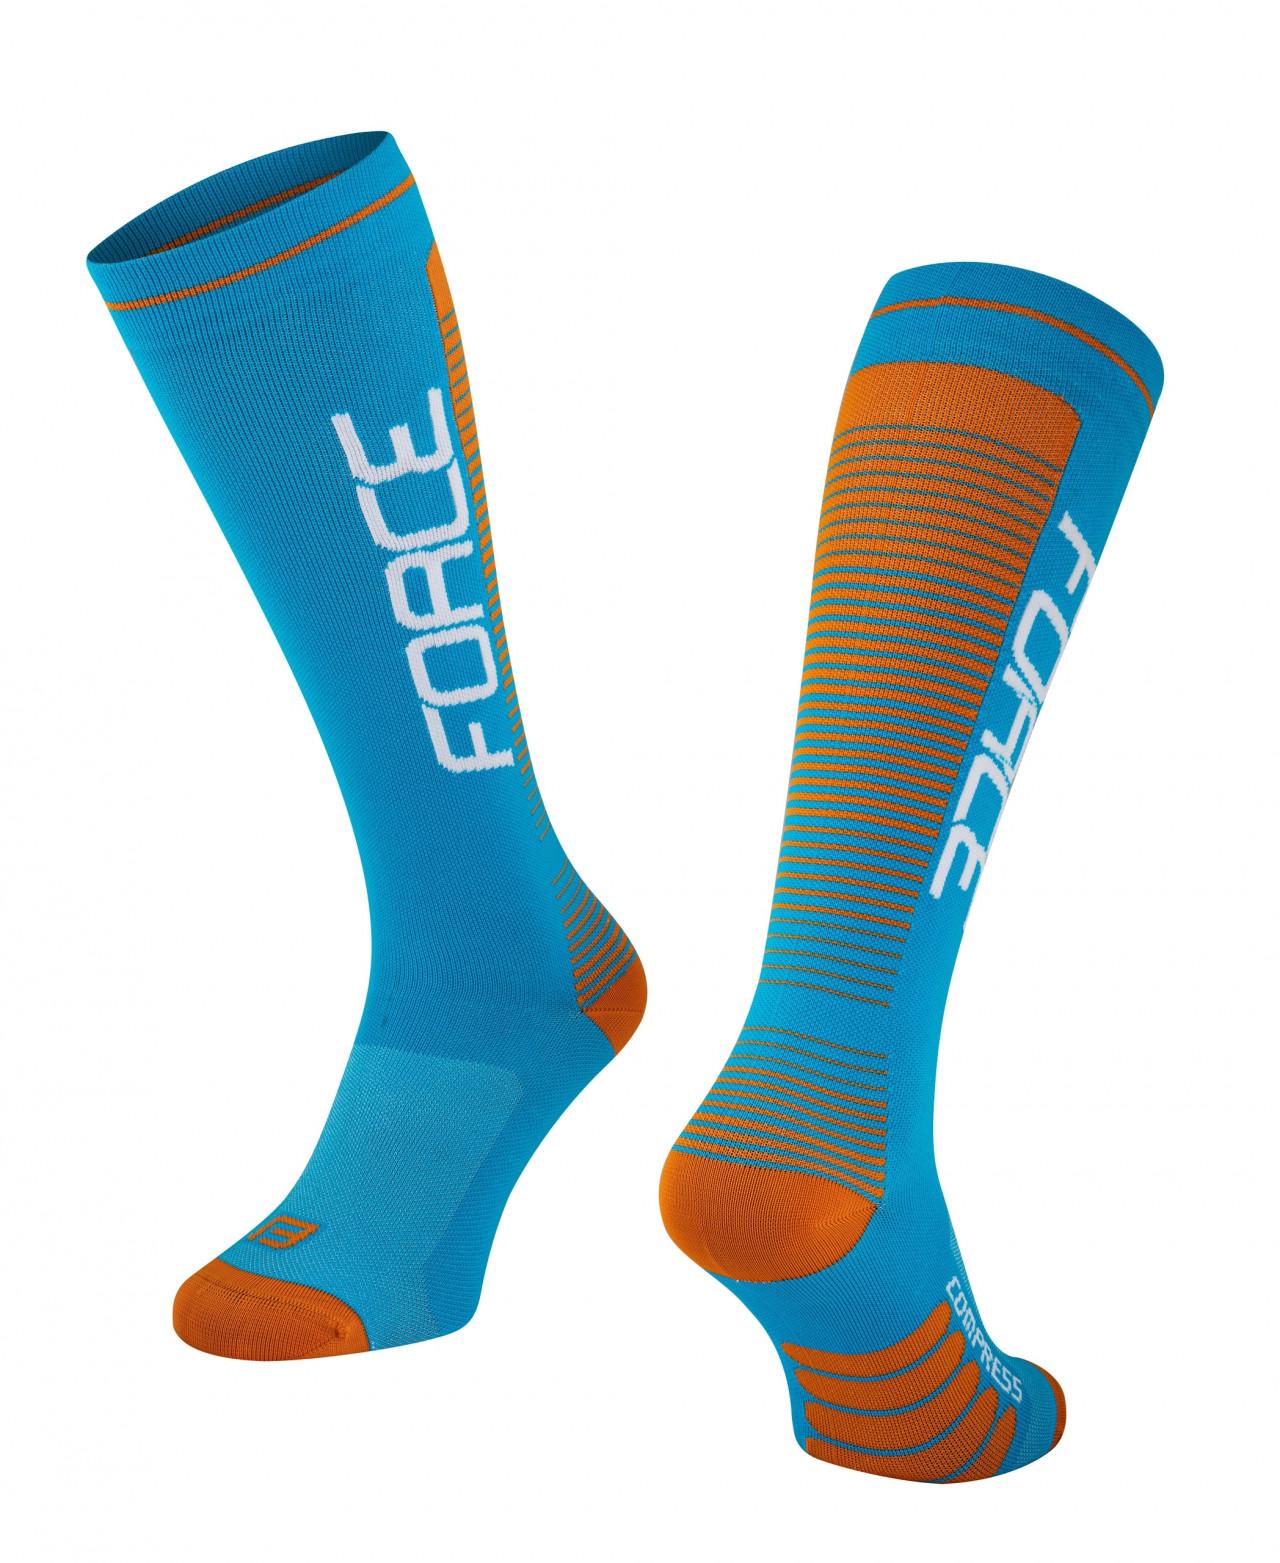 FORCE ponožky COMPRESS, modro-oranžové S-M/36-41